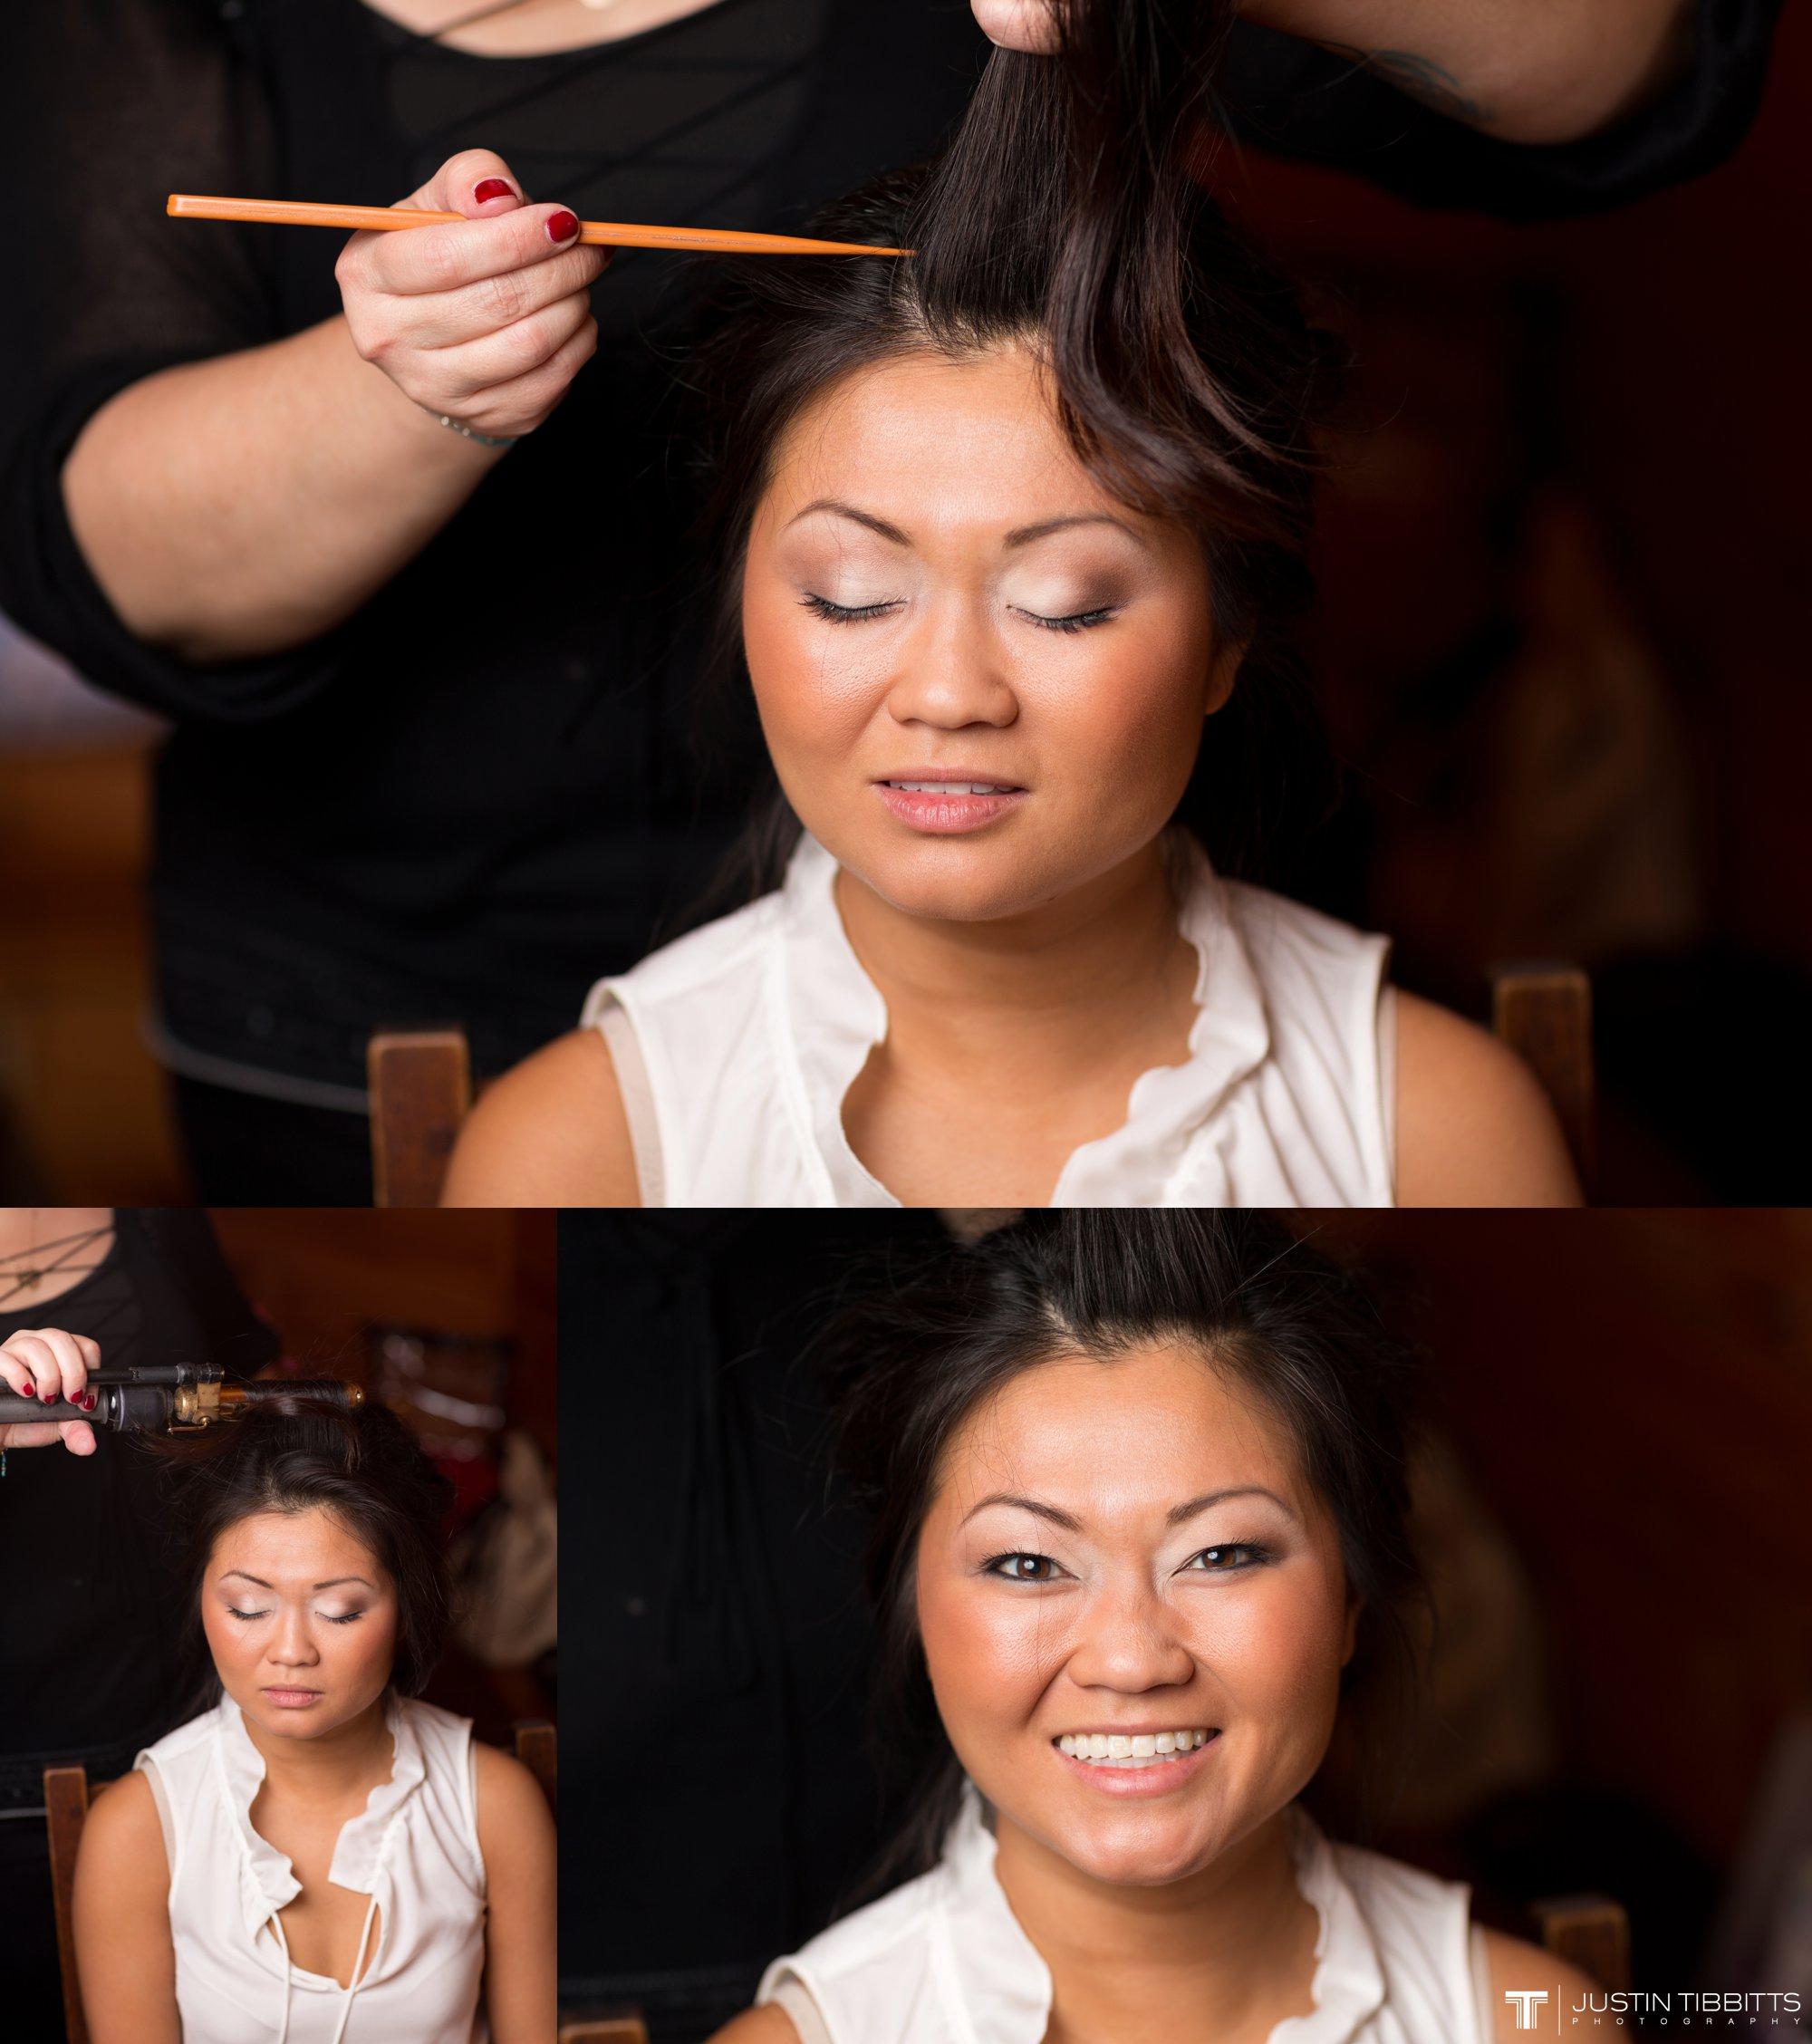 Justin Tibbitts Photography Uva Melody Lodge, NY Wedding-51